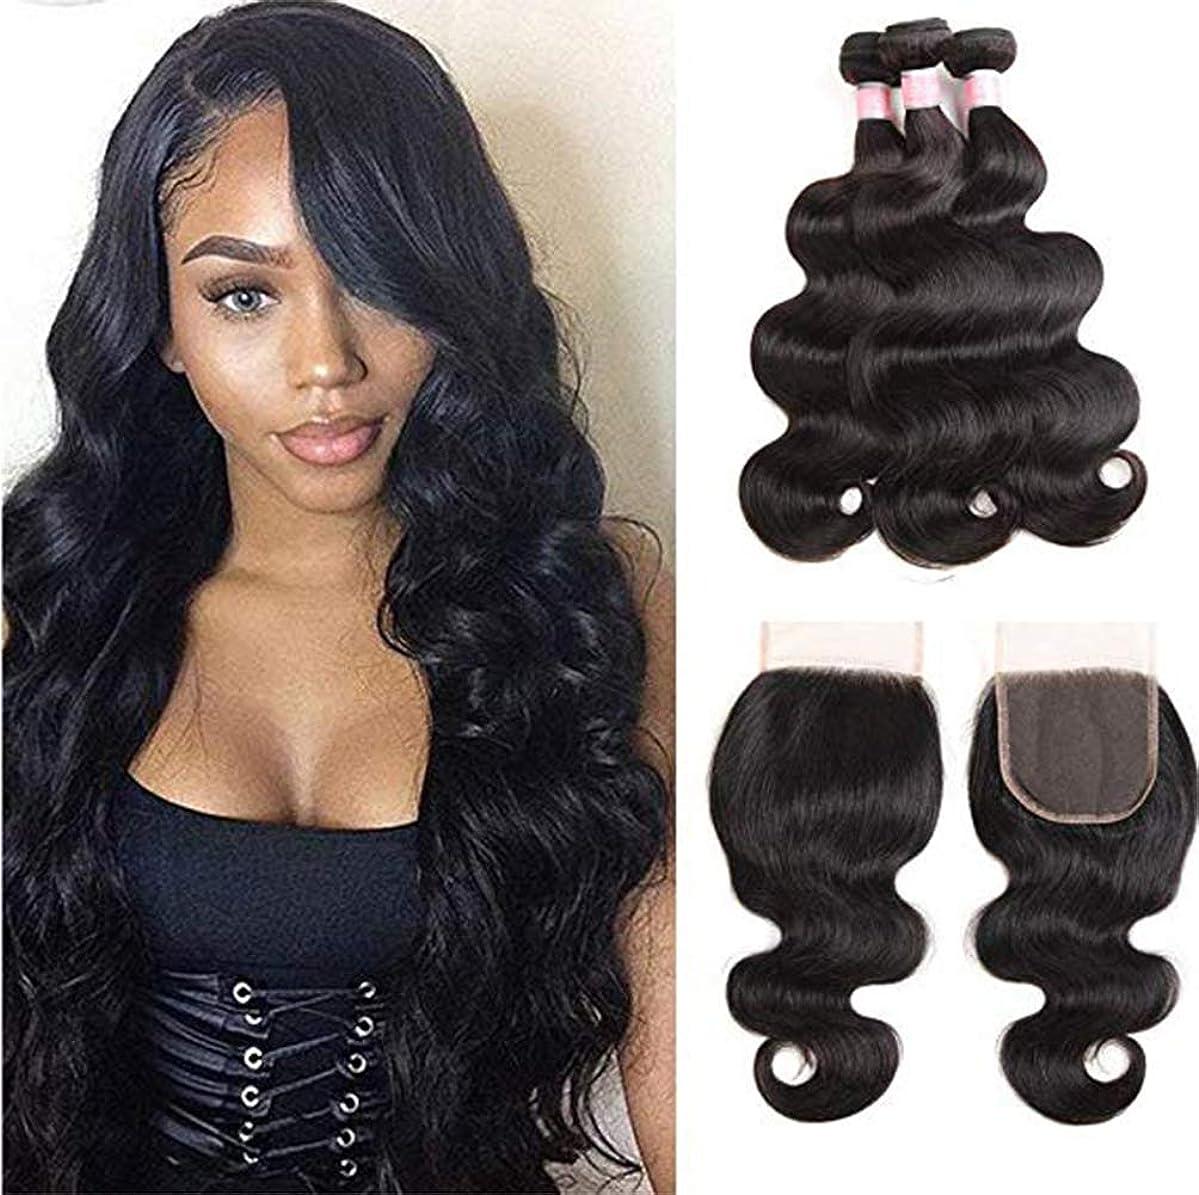 虫和ふける女性8aグレードブラジル髪織り実体波髪1バンドル100%未処理のバージン人間の髪ダブル横糸ソフトと太い髪織り